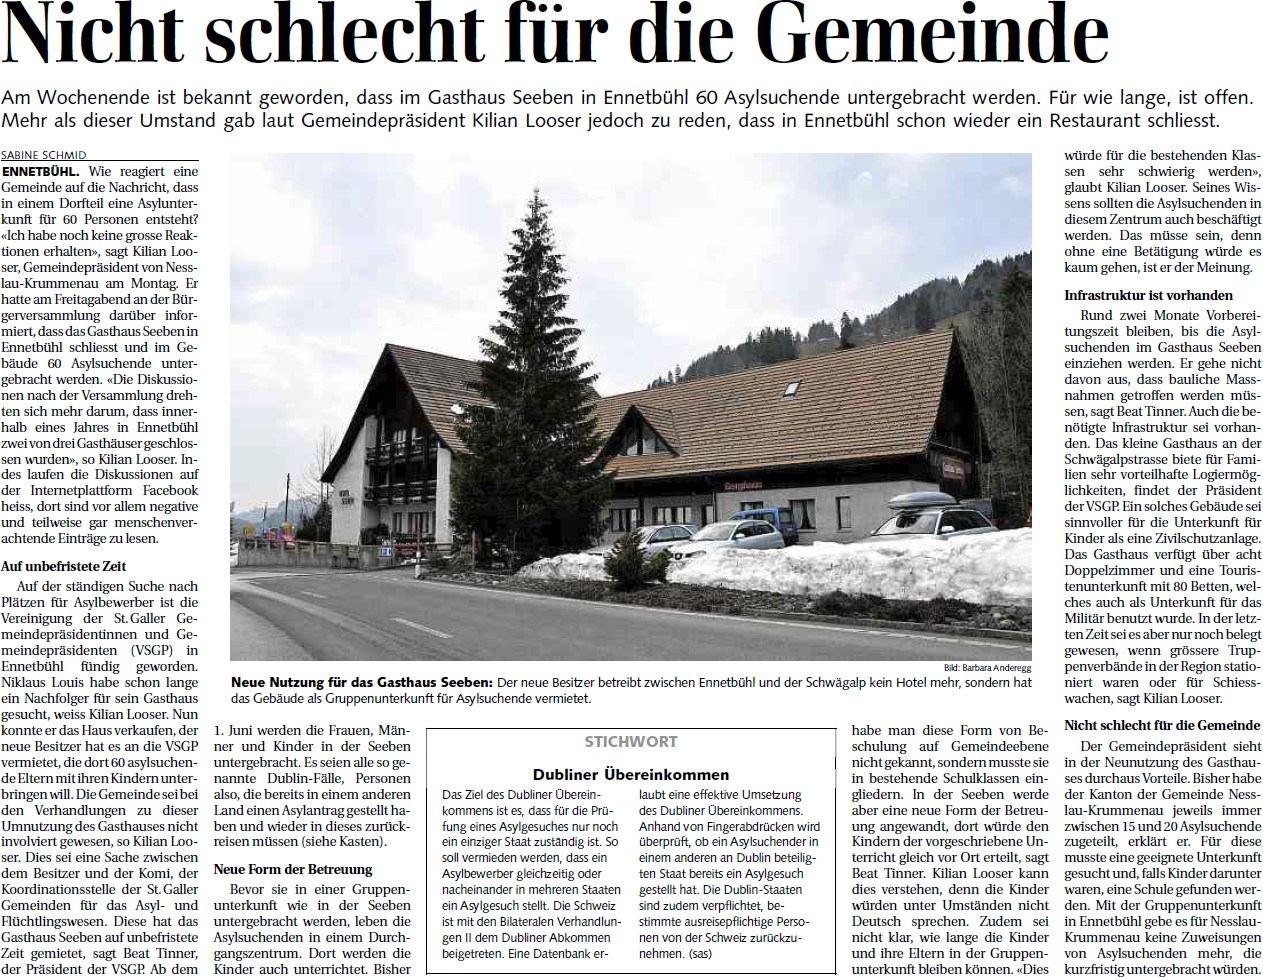 Nicht schlecht für die Gemeinde (Dienstag, 27.03.2012)